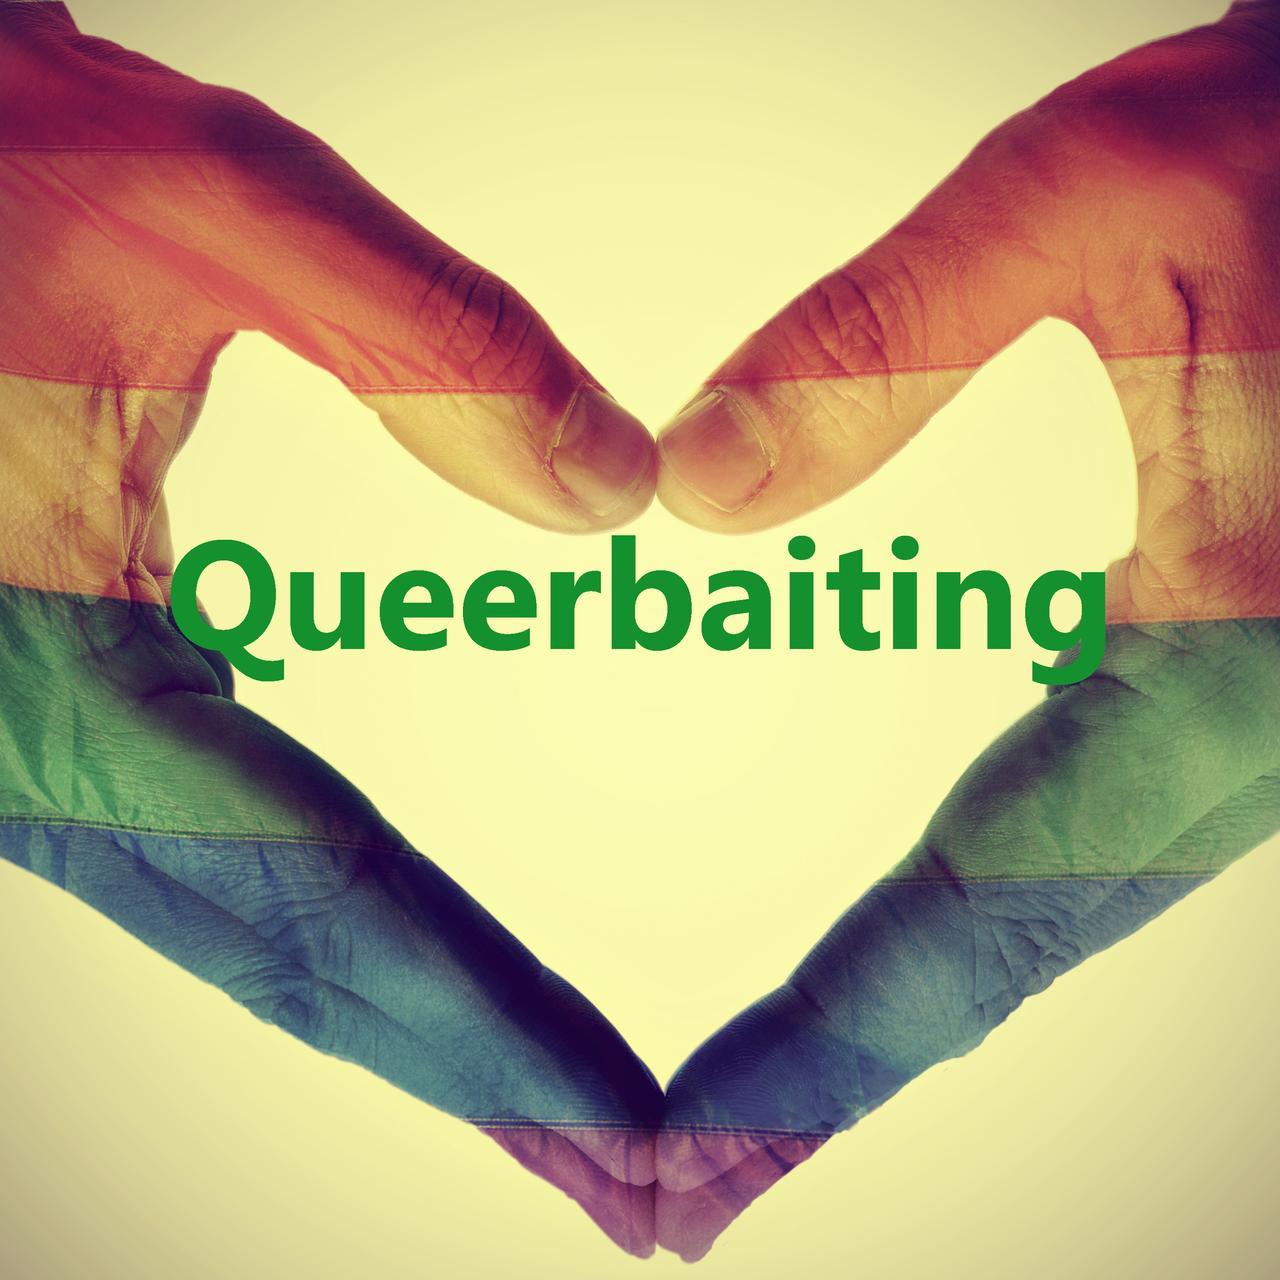 画像: LGBTQ+の注目度や話題性を搾取する「クィアベイティング」